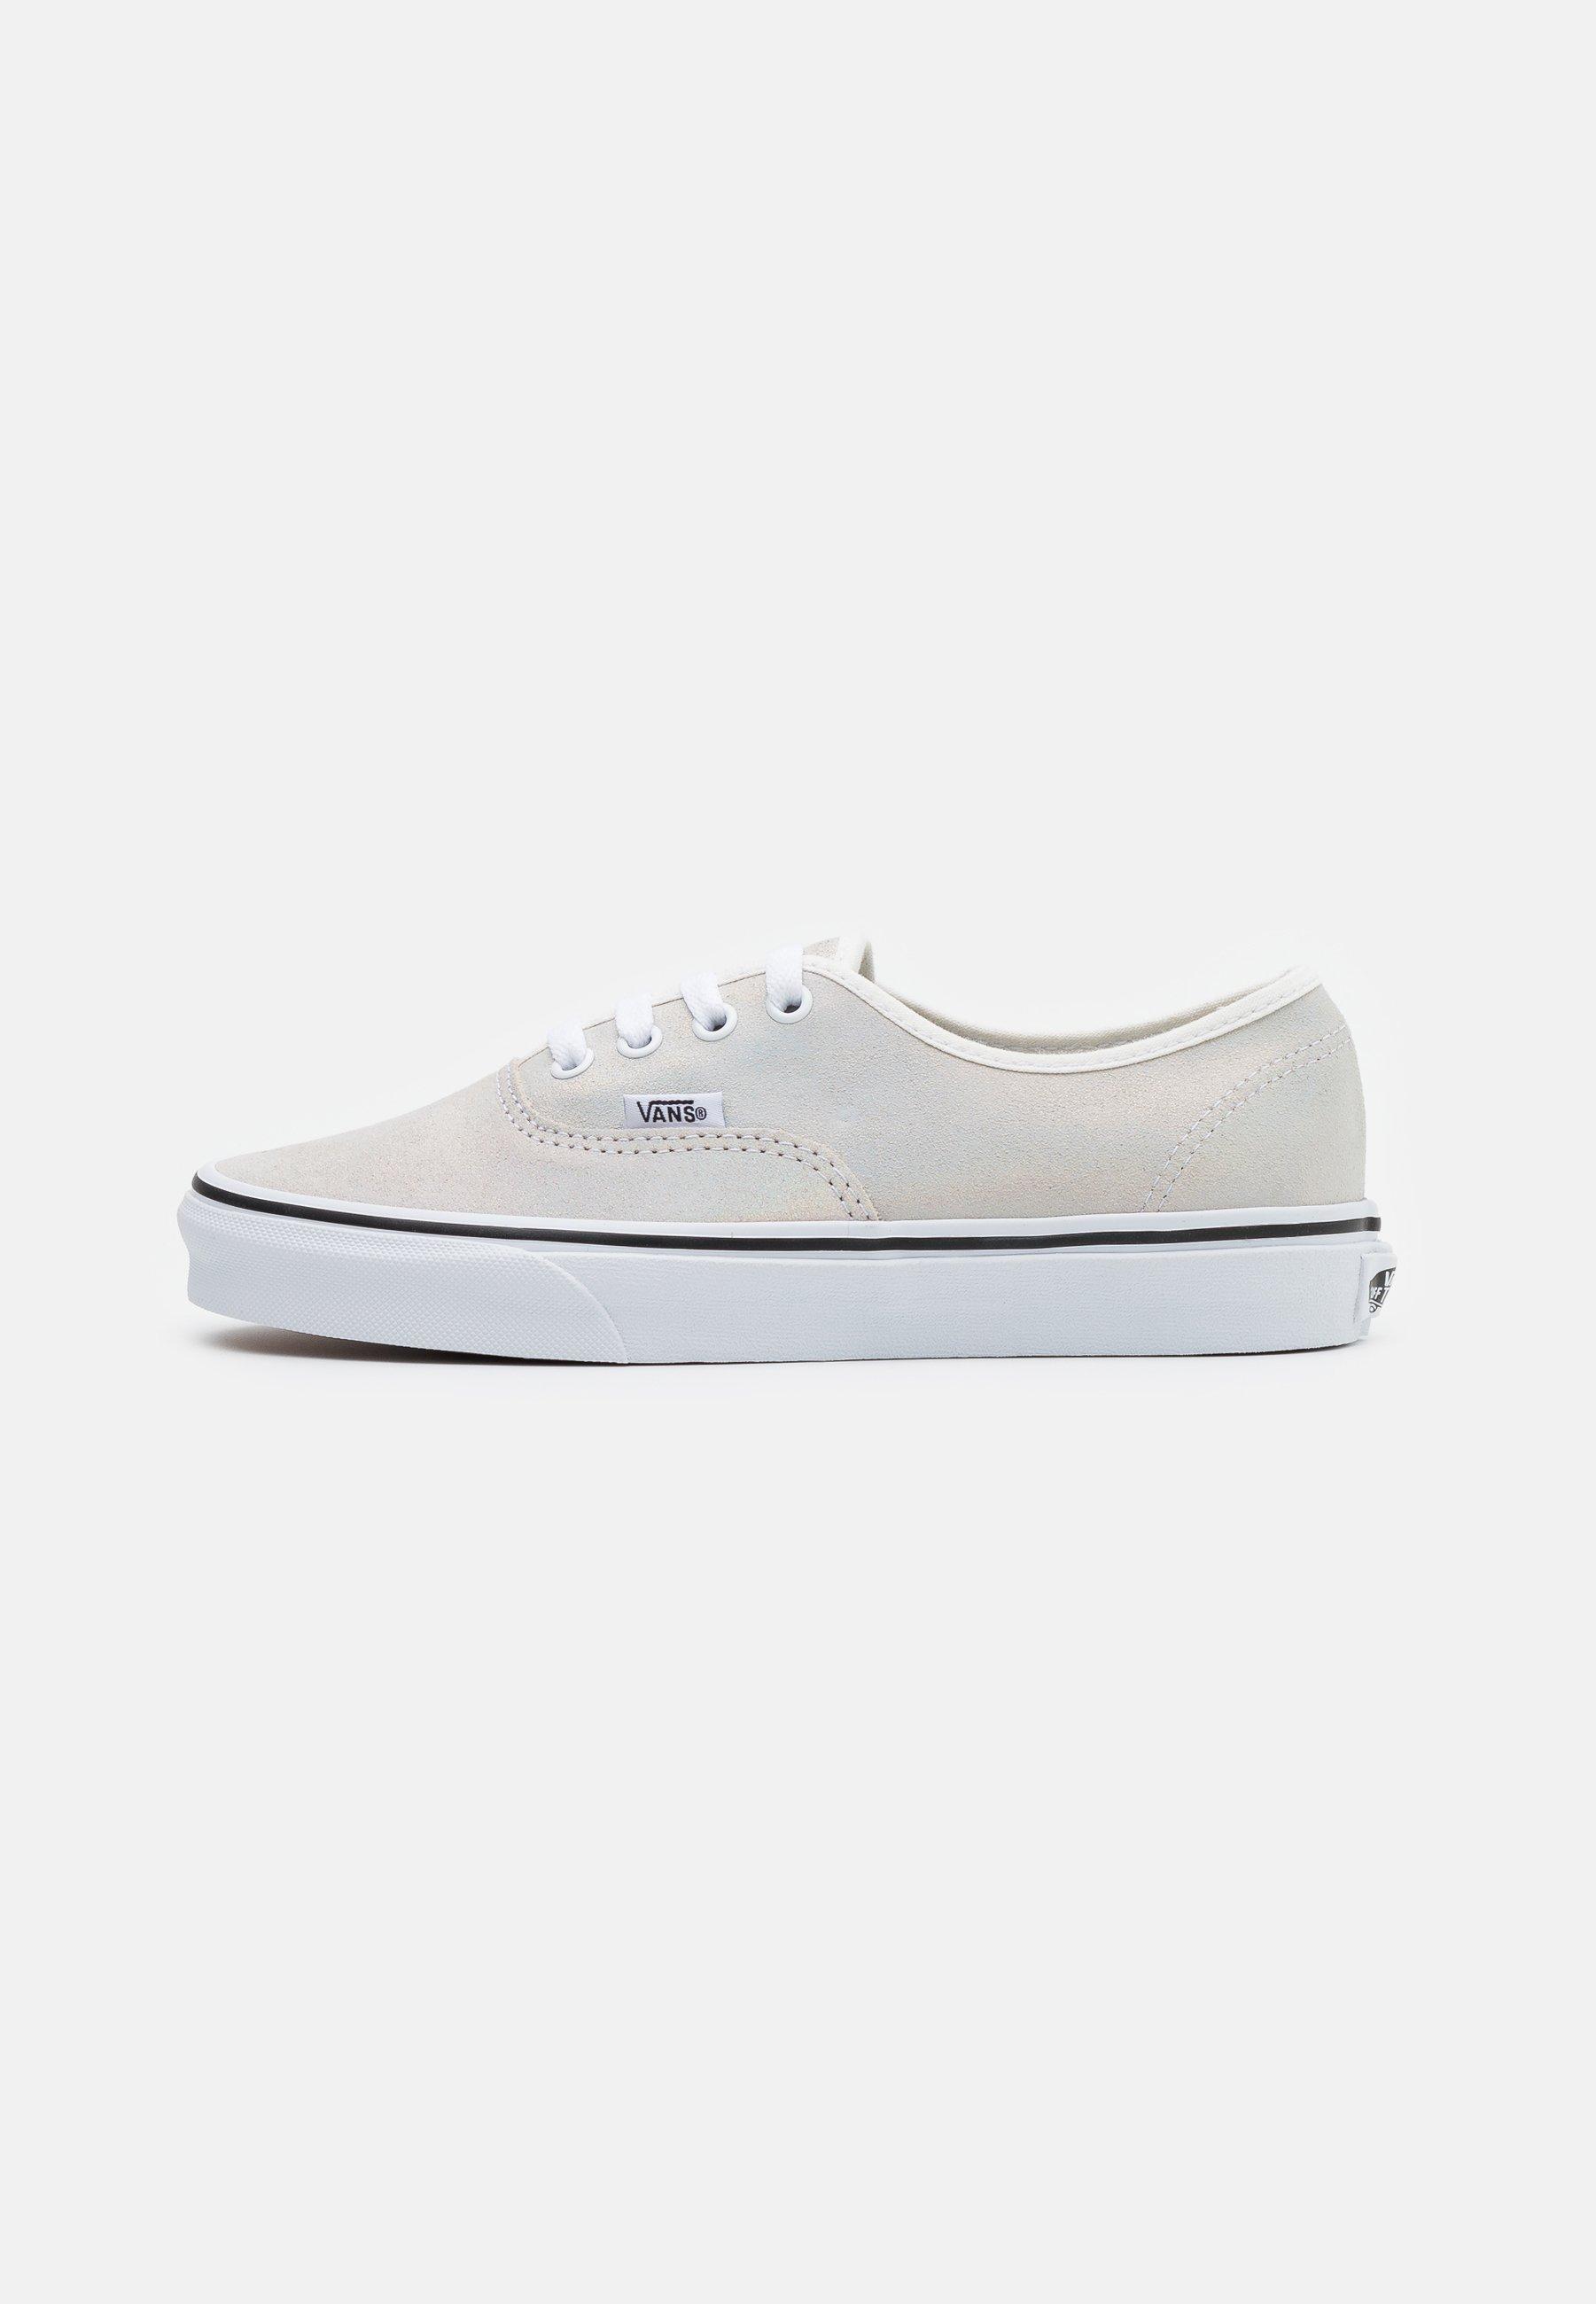 Vans AUTHENTIC - Sneaker low - metallic/blanc de blanc j6ZxEN